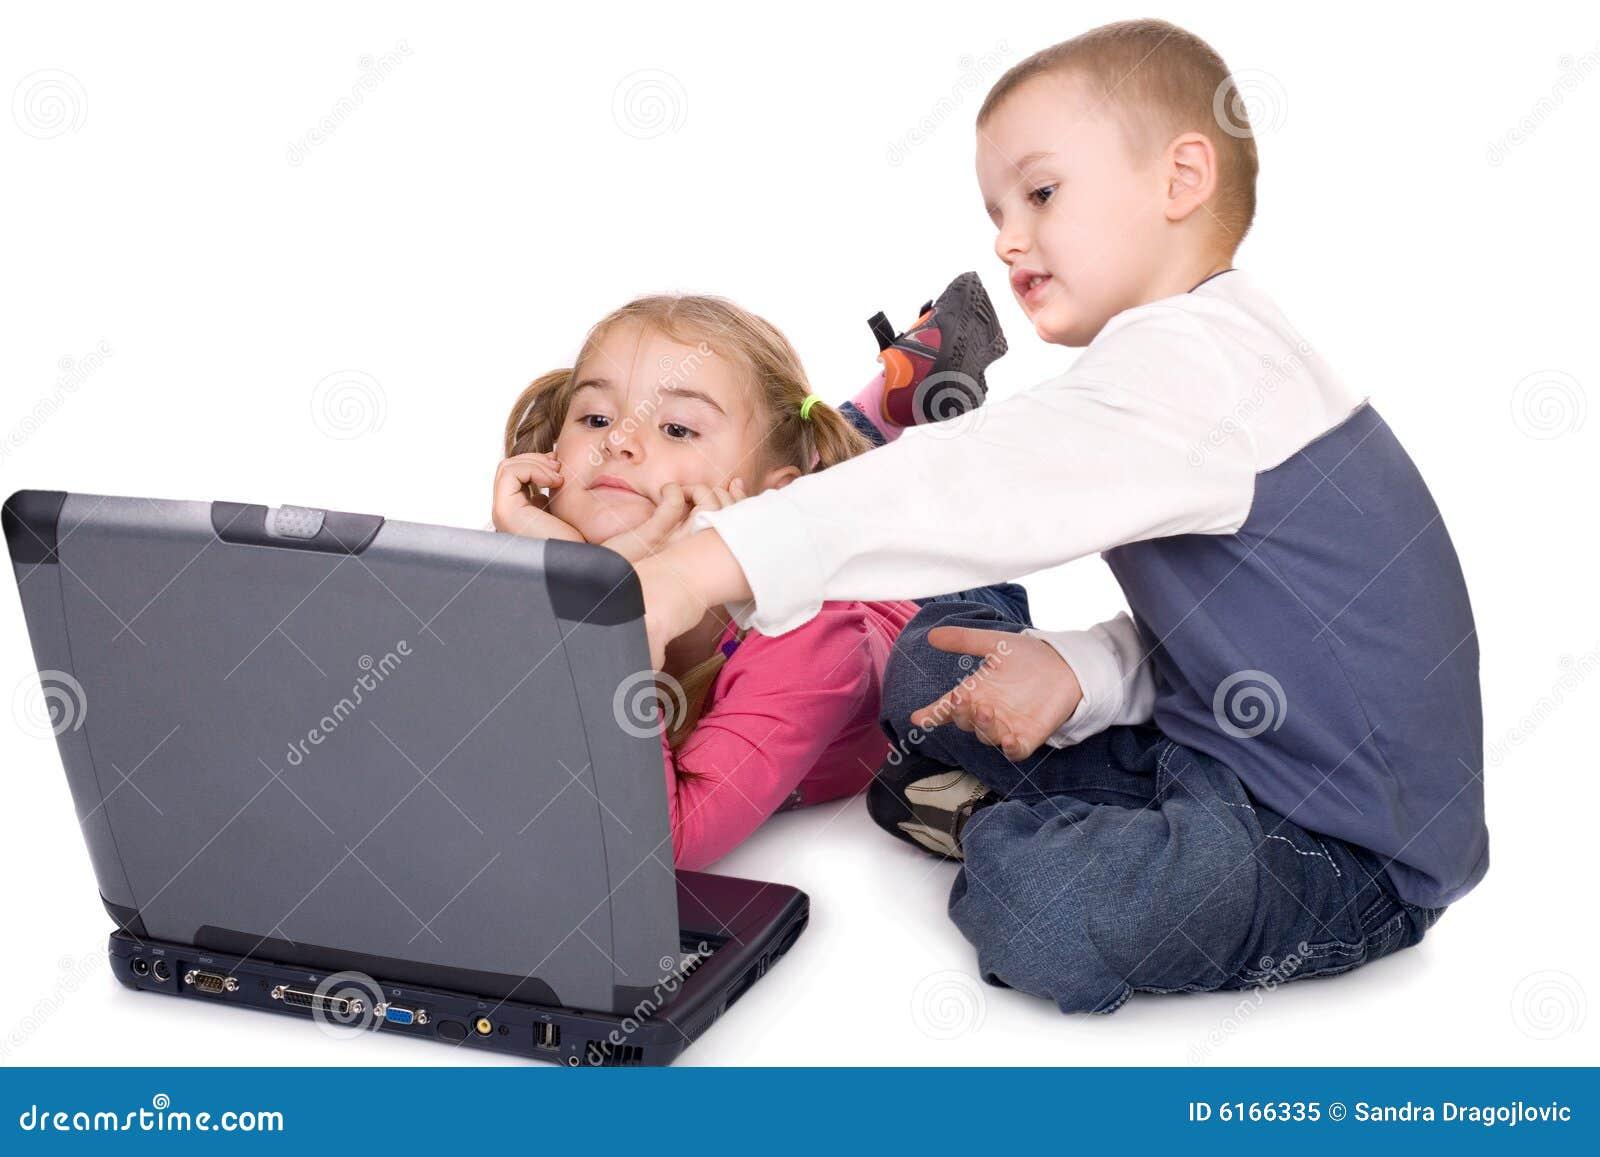 Kinder, die am Computer erlernen